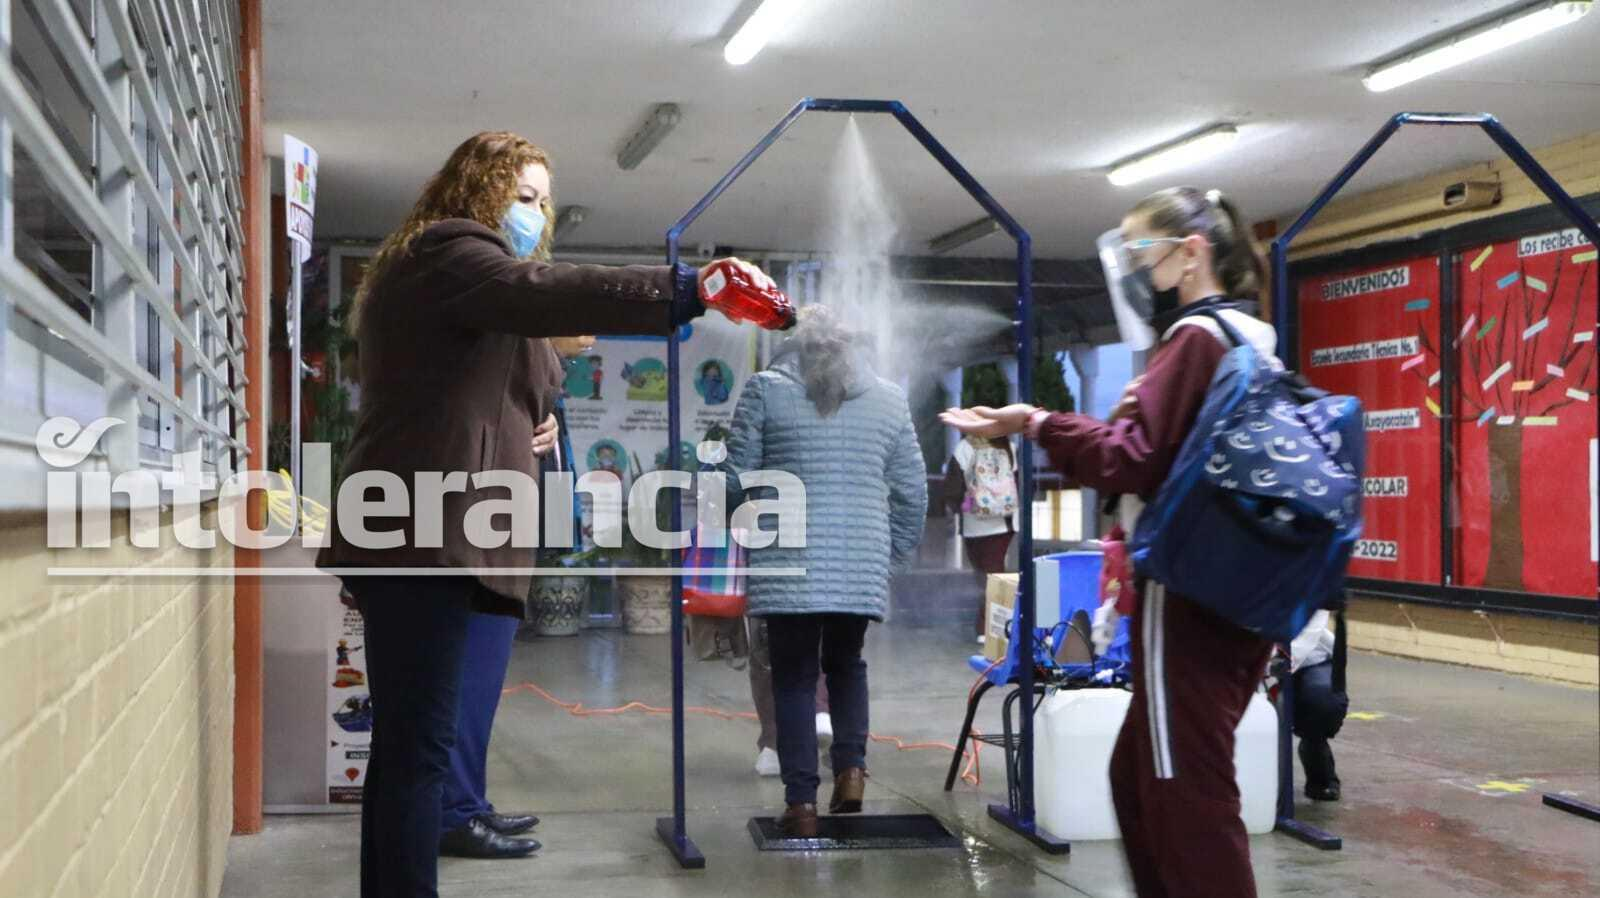 Foto: Lirio Sánchez / Video: Agencia Enfoque